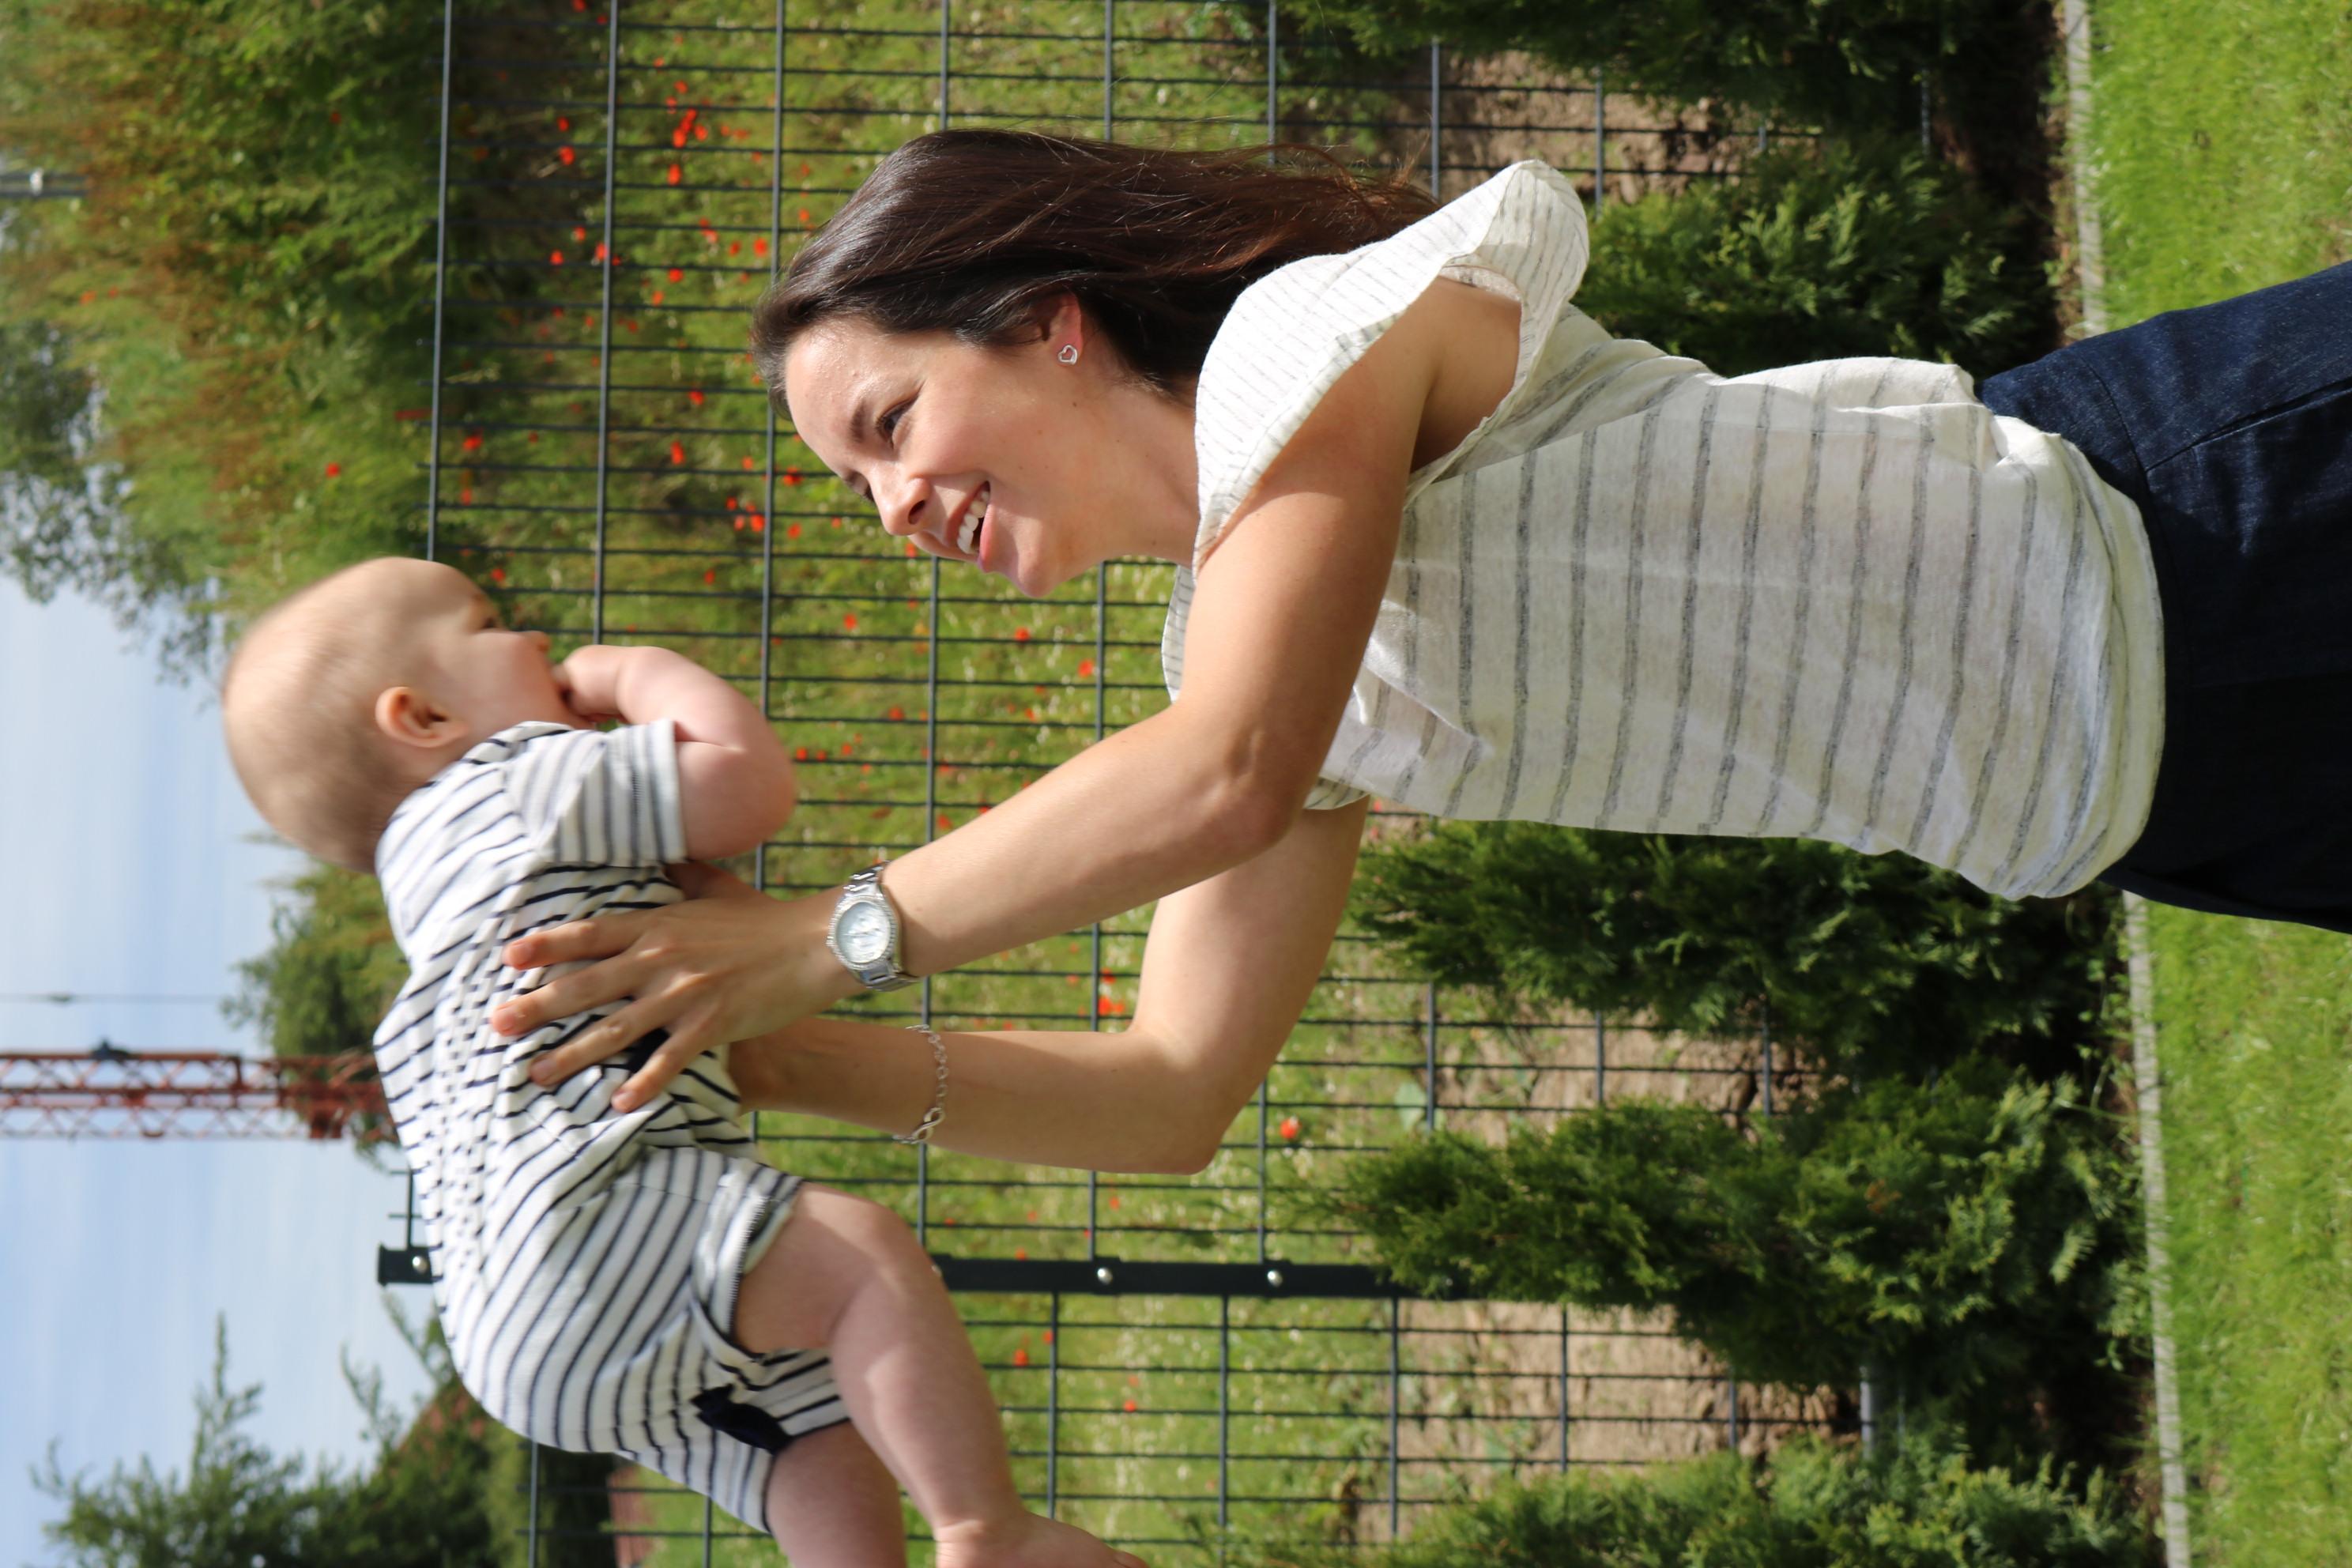 neun monate schwangerschaft